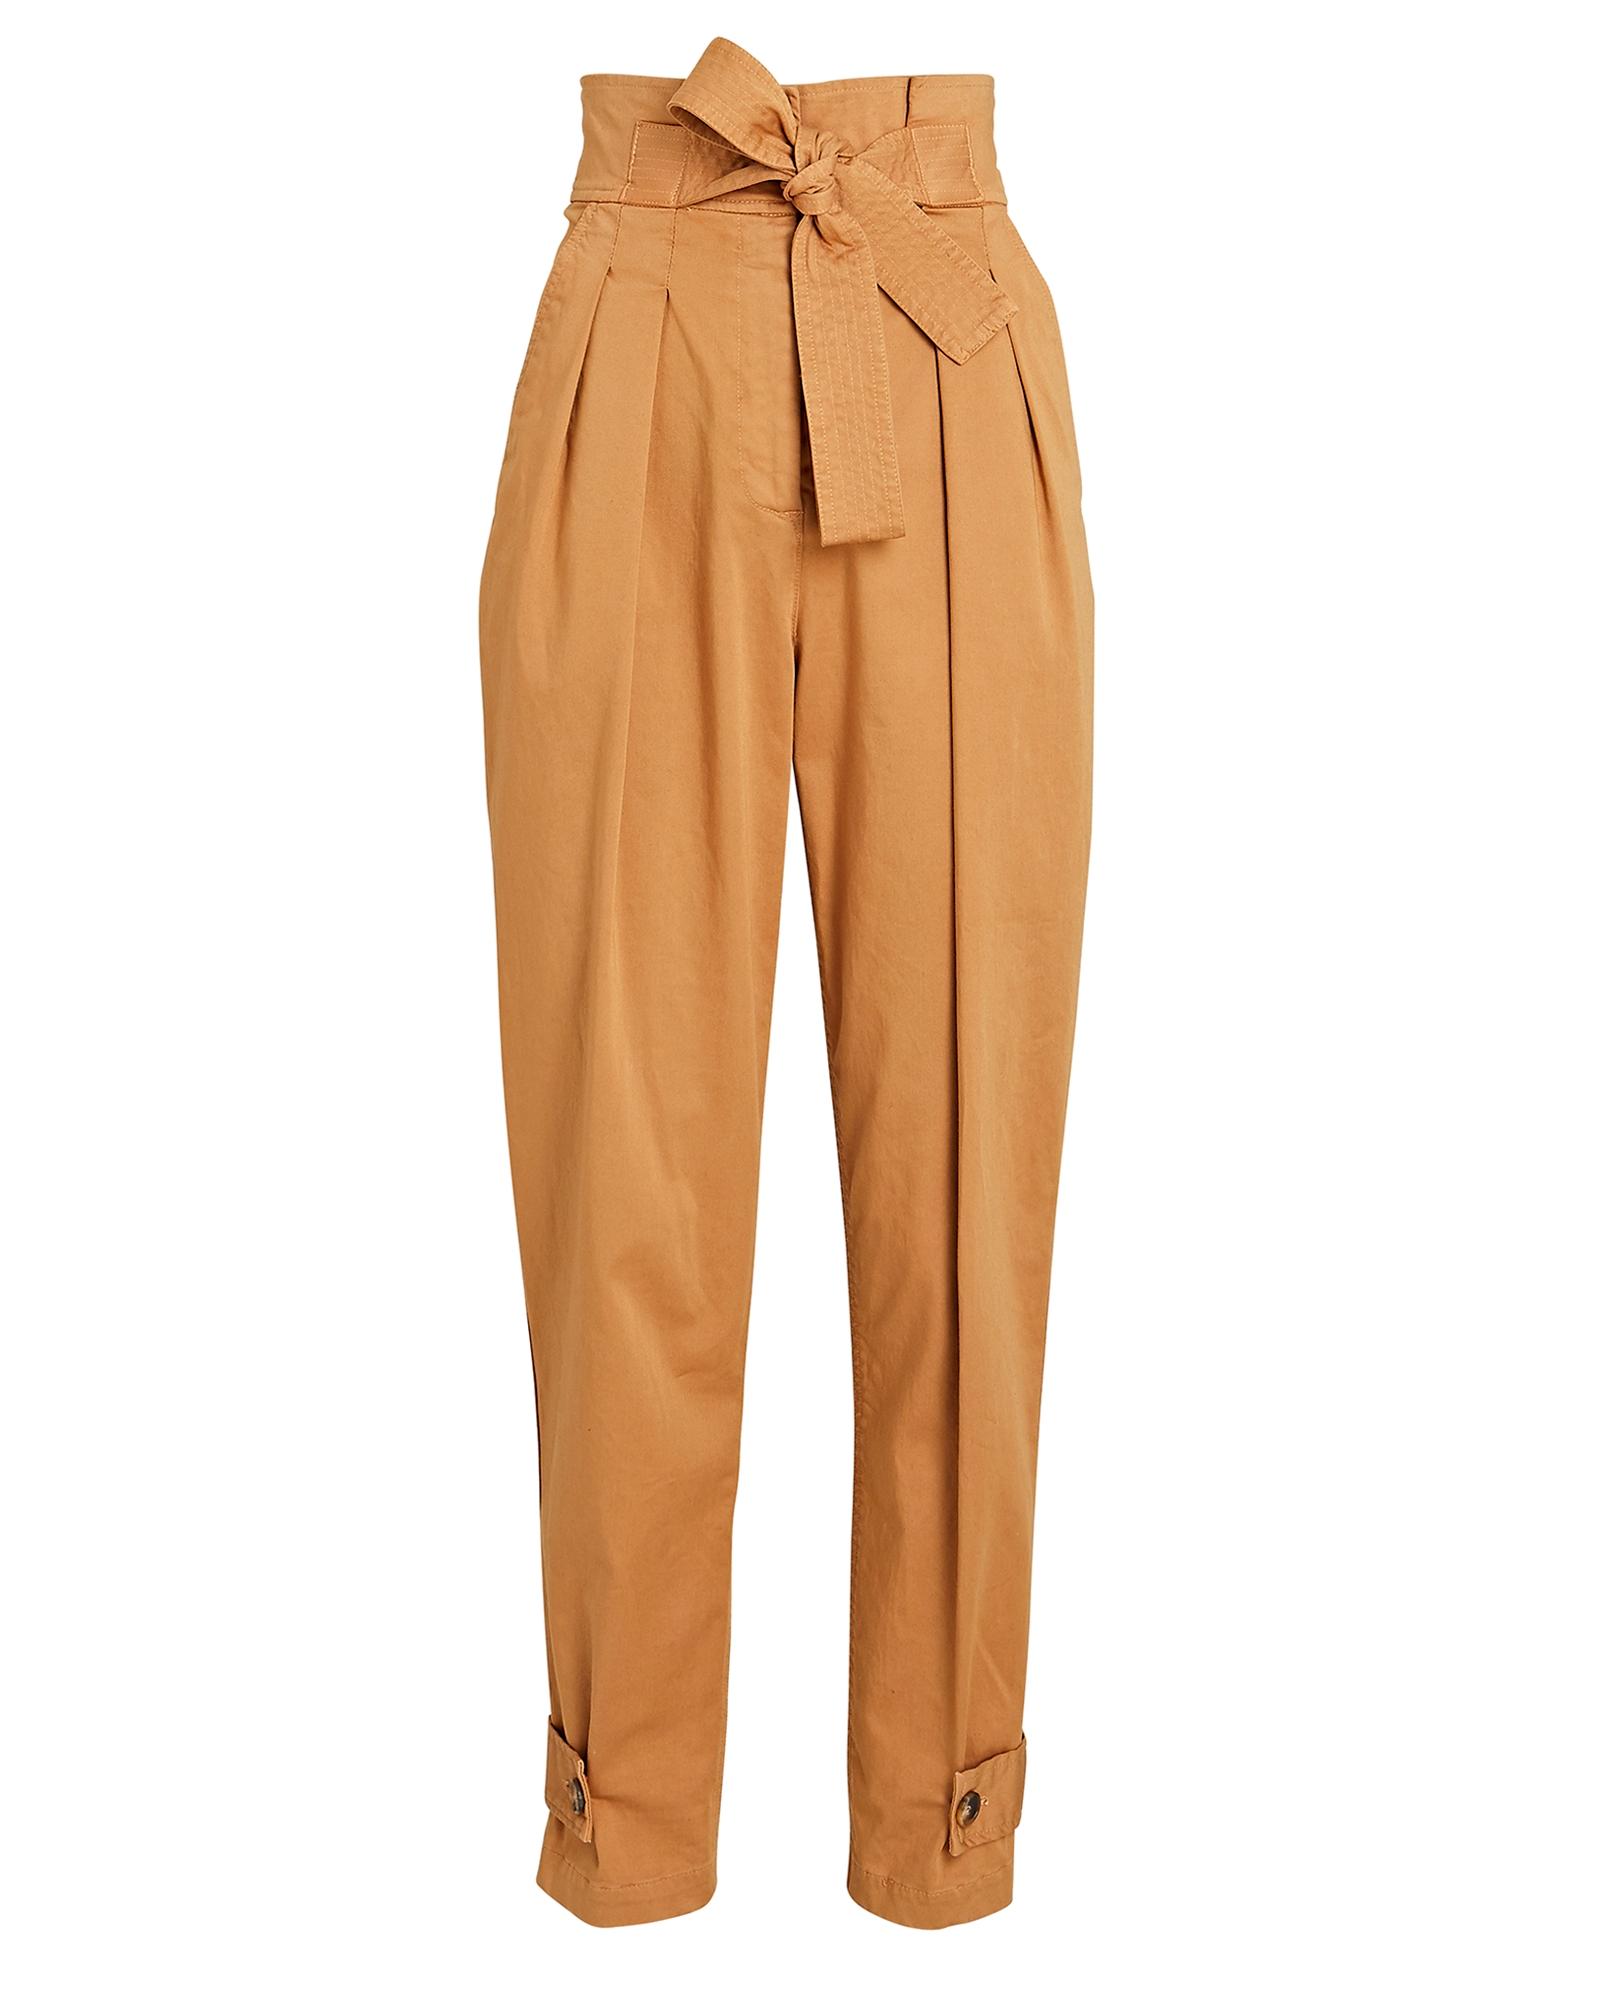 A.l.c Karey Tie-Waist Pants